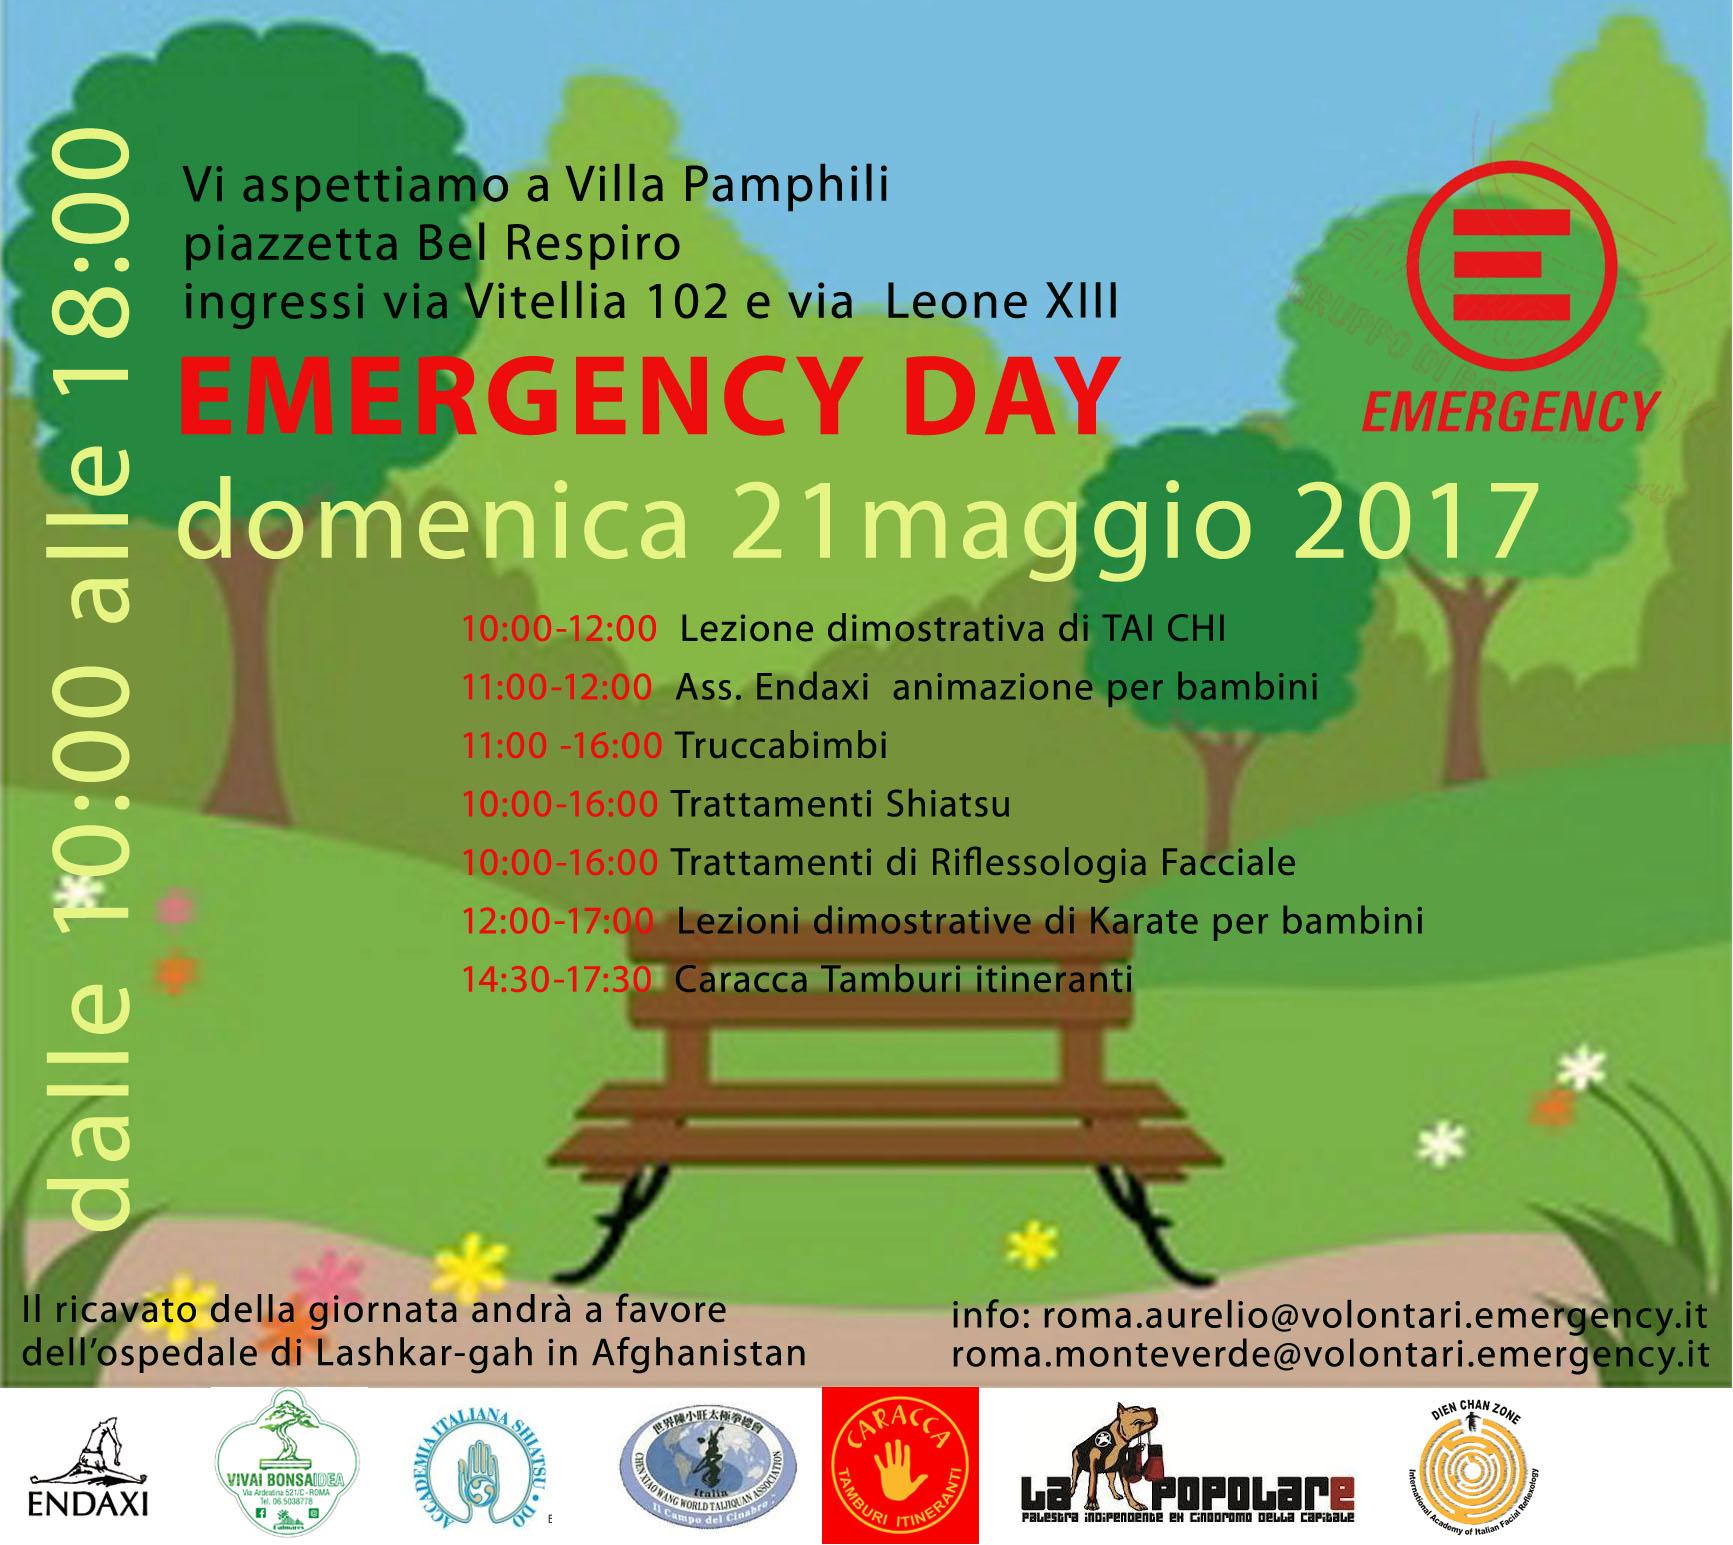 Emergency Day - Domenica 21 Maggio 2107 - Villa Pamphili